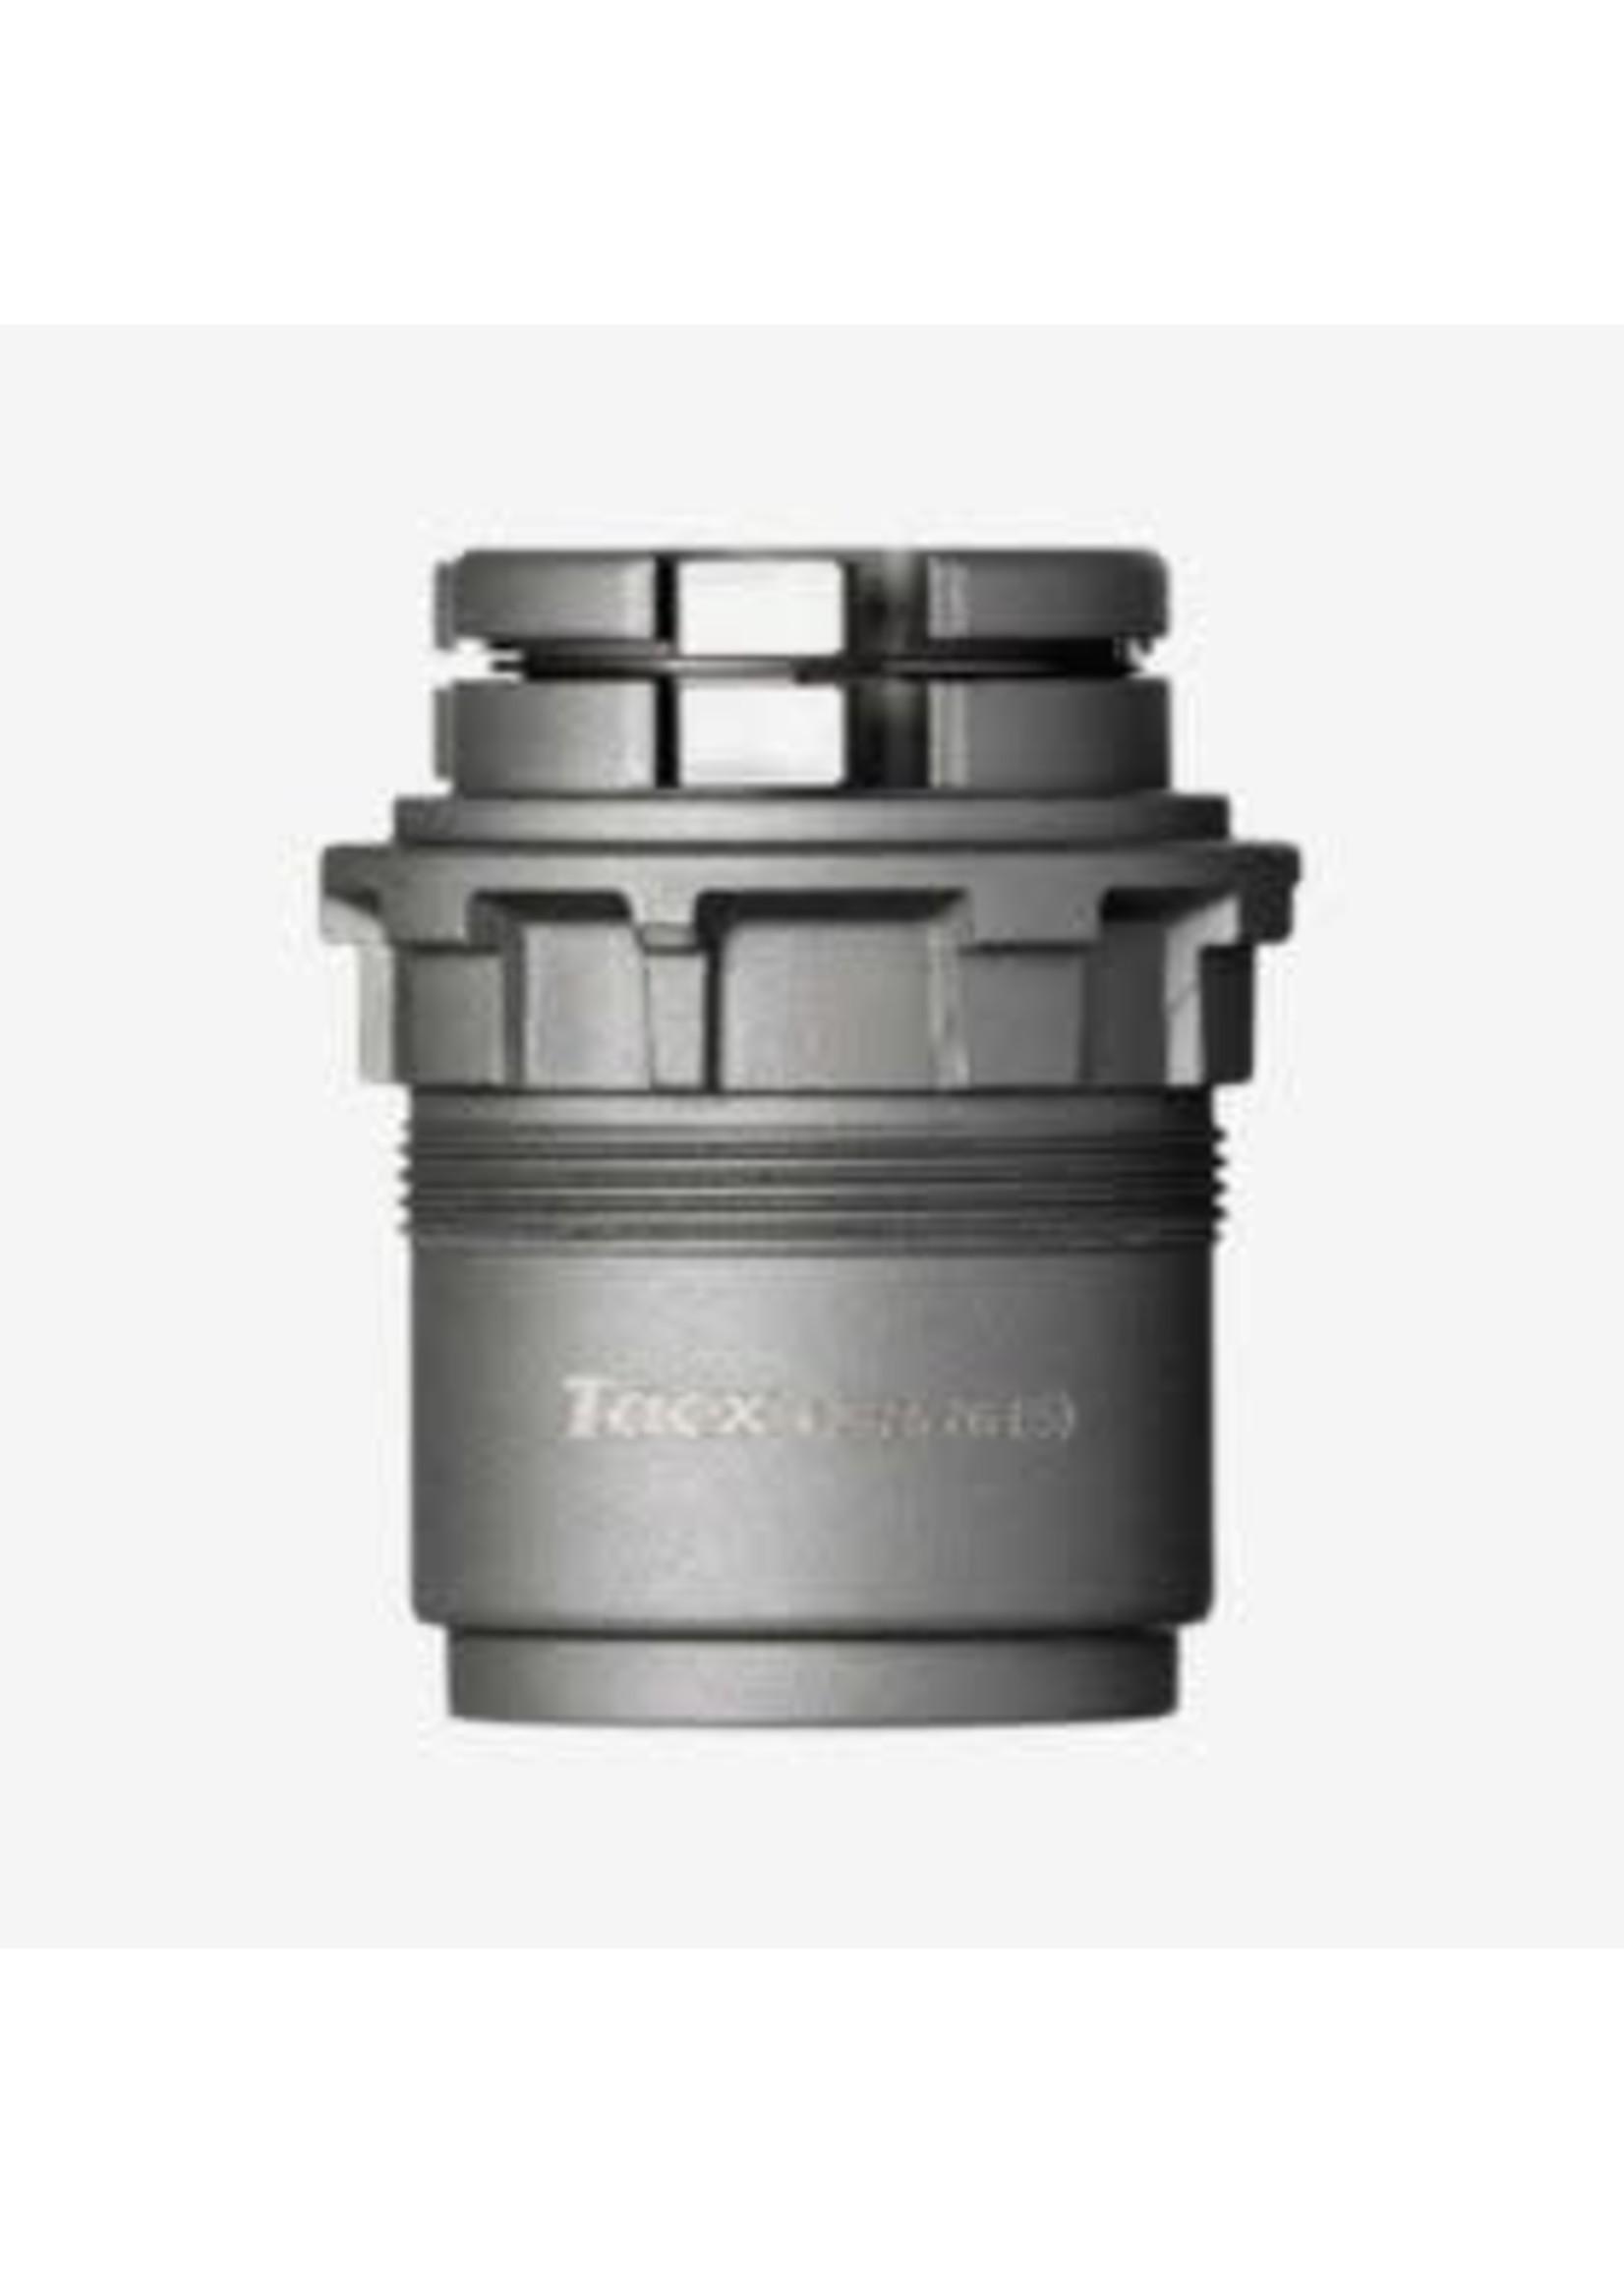 Tacx Tacx, Corps de cassette direct drive, SRAM XD-R